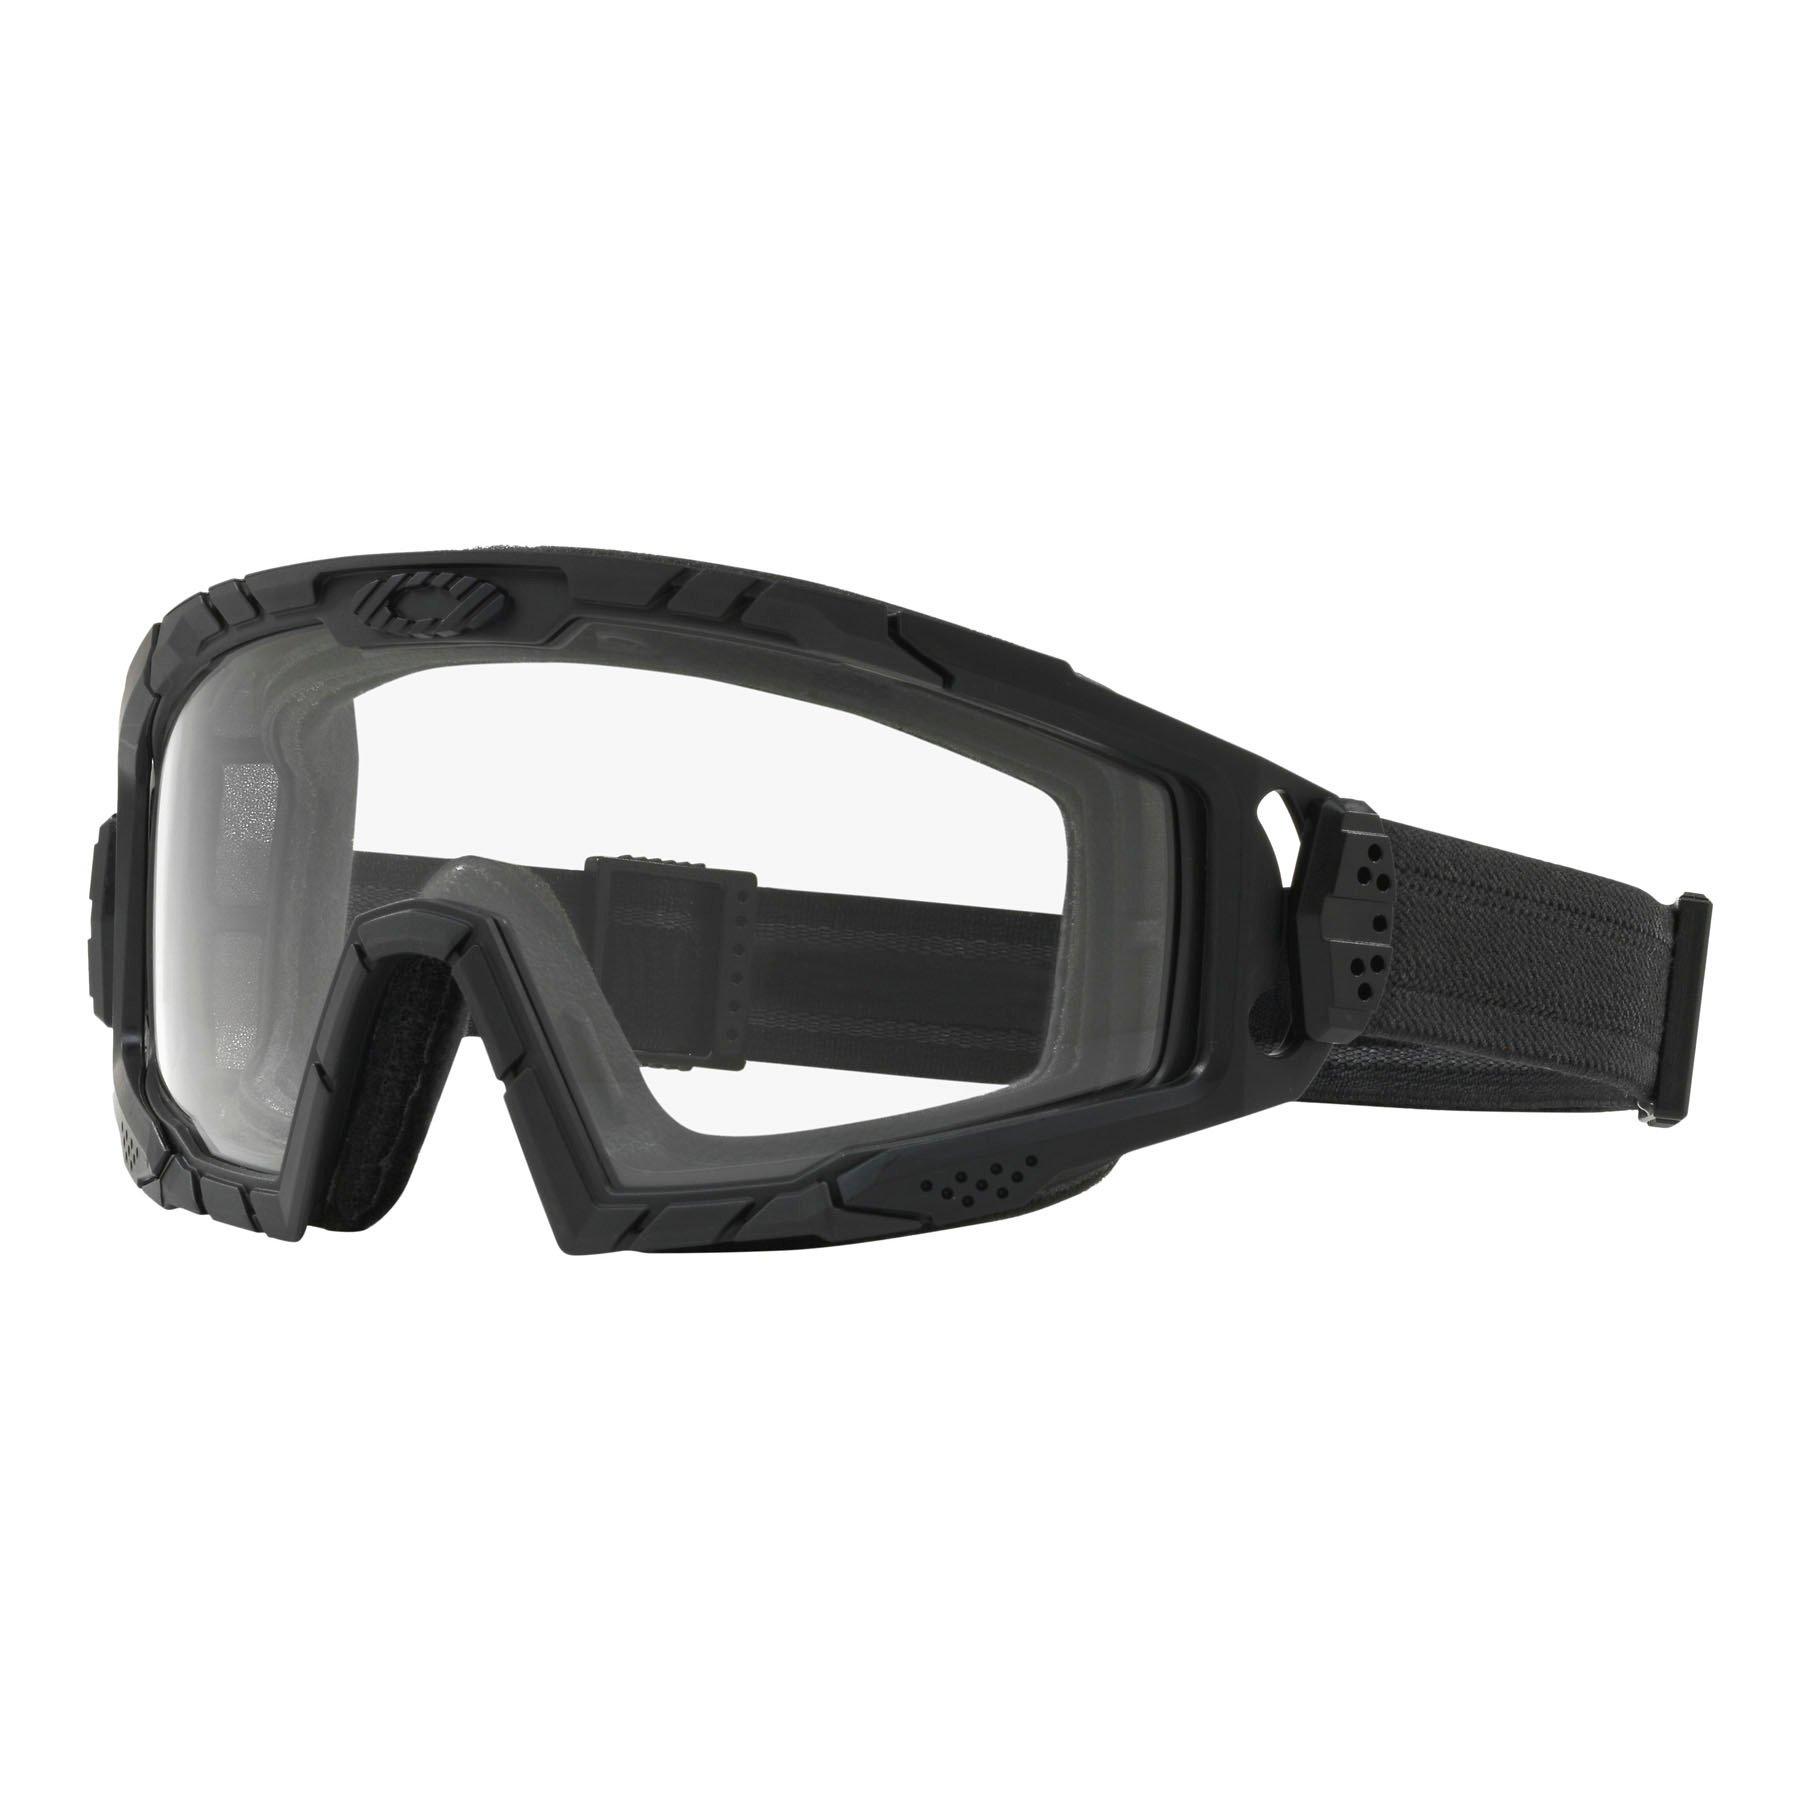 f205dafafc43 Tactical Goggles   Tactical Equipment & Riot Gear   Galls